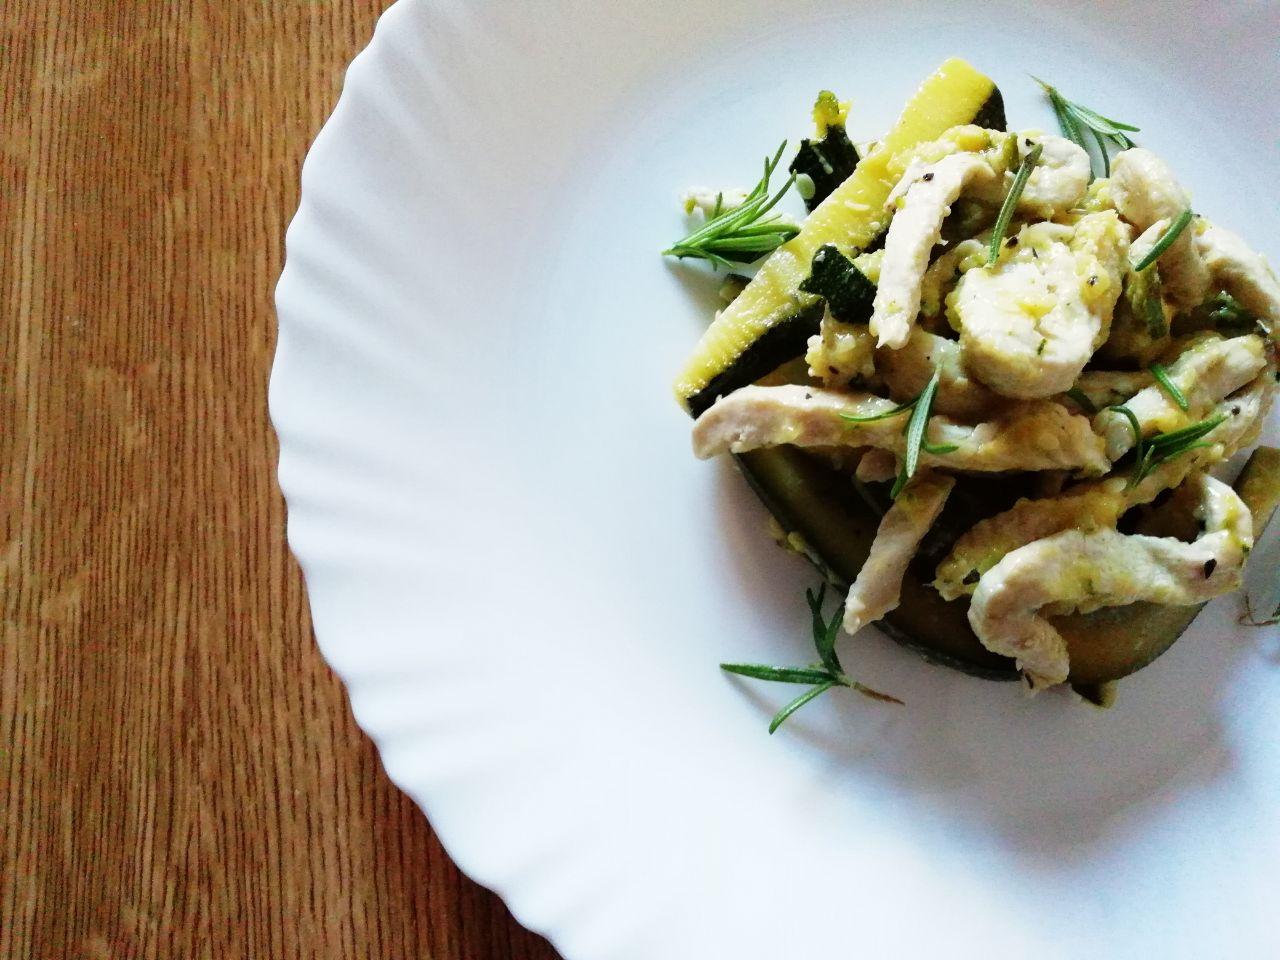 Secondi piatti a base di carne: petti di pollo e zucchine!